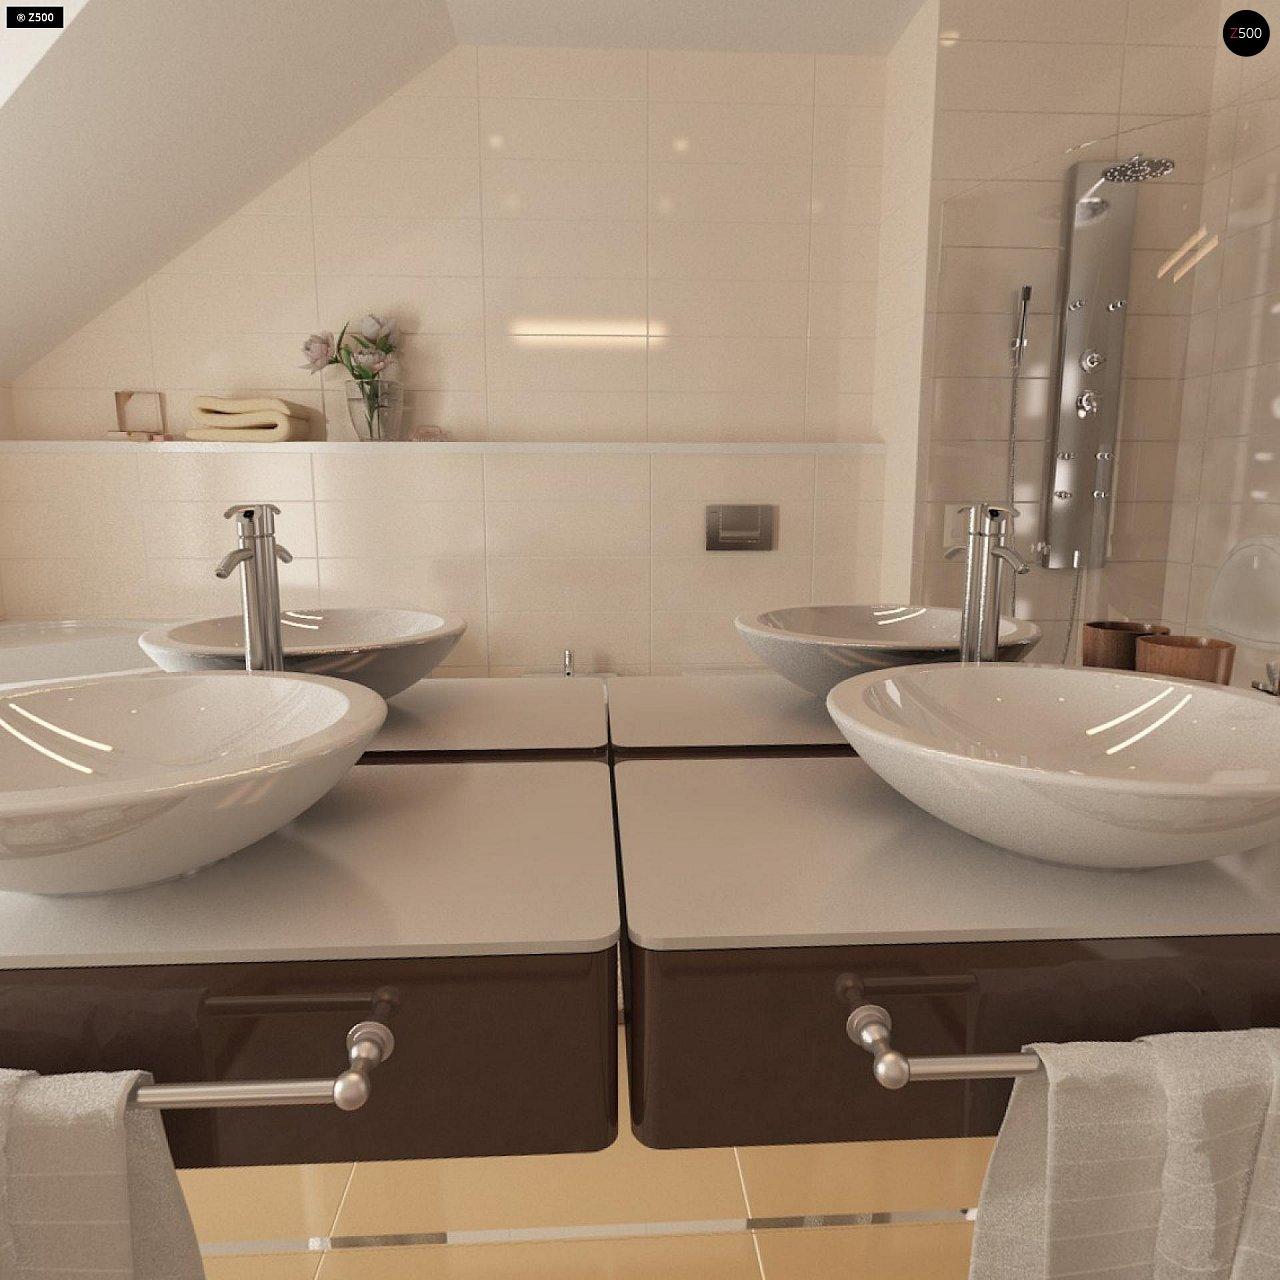 Проект стильного, функционального и недорогого двухсемейного дома. 20